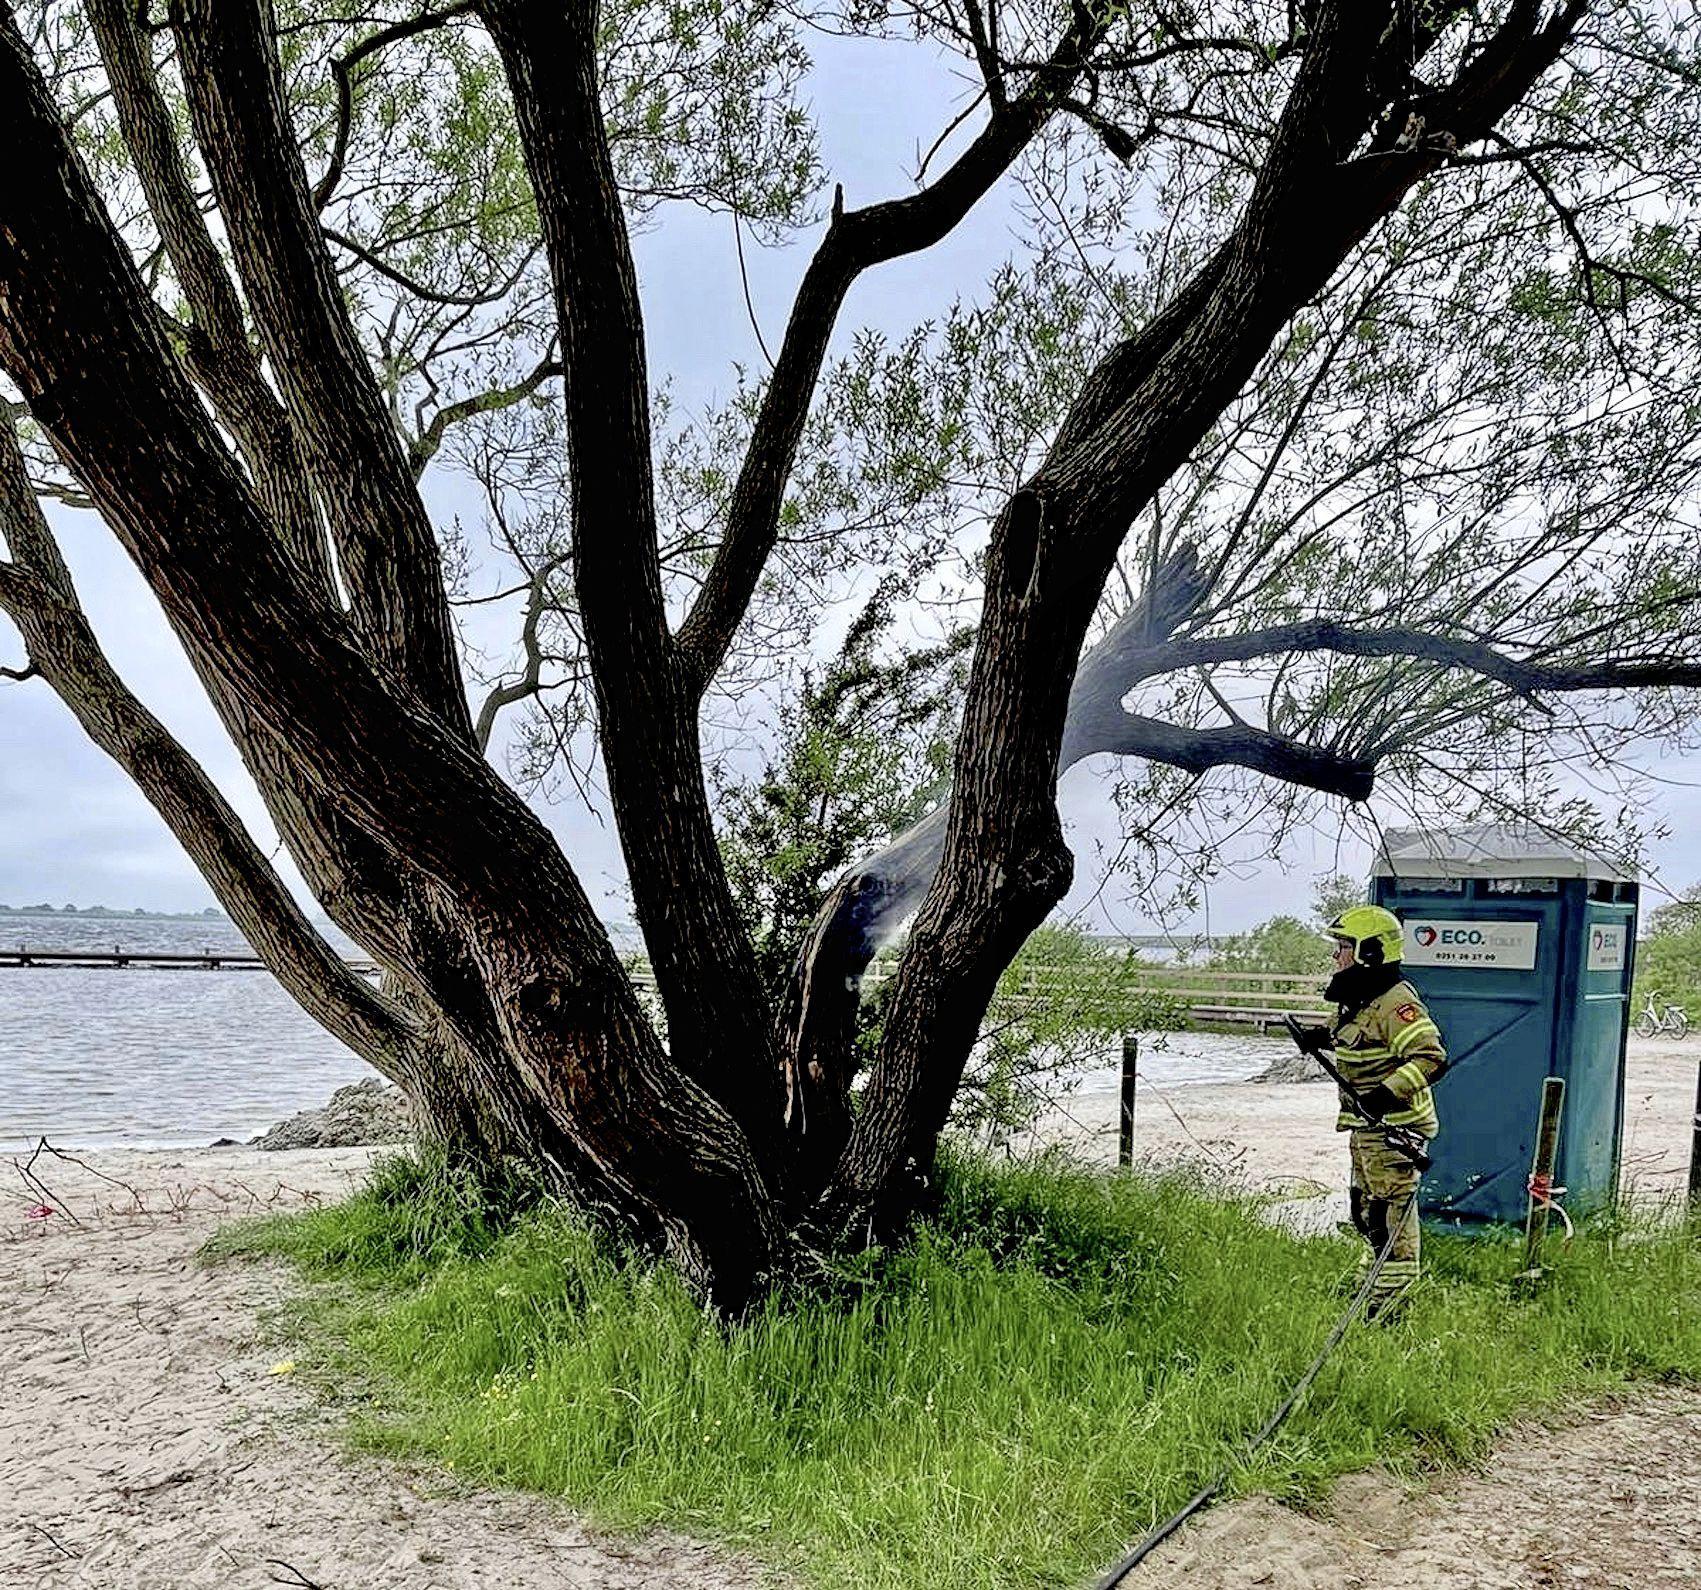 Dronken jeugd trapt wel vaker rotzooi bij Lutjestrand. 'Ouders, hou jullie pubers beter in de gaten', zeggen de uitbaters van de strandtent